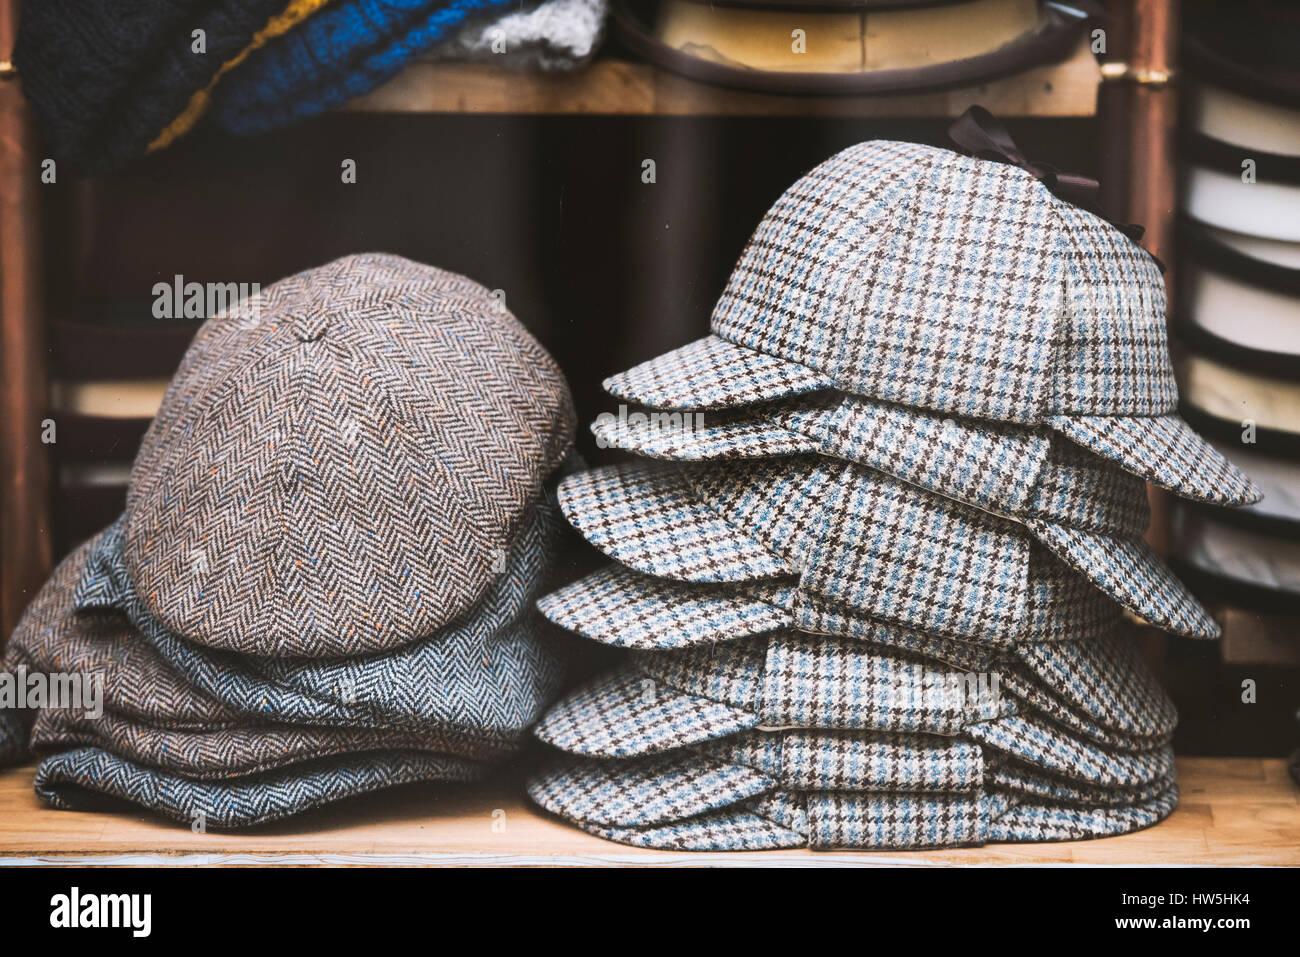 Deerstalker sombreros y otros sombreros británico en una tienda en Londres. ce3527457b4